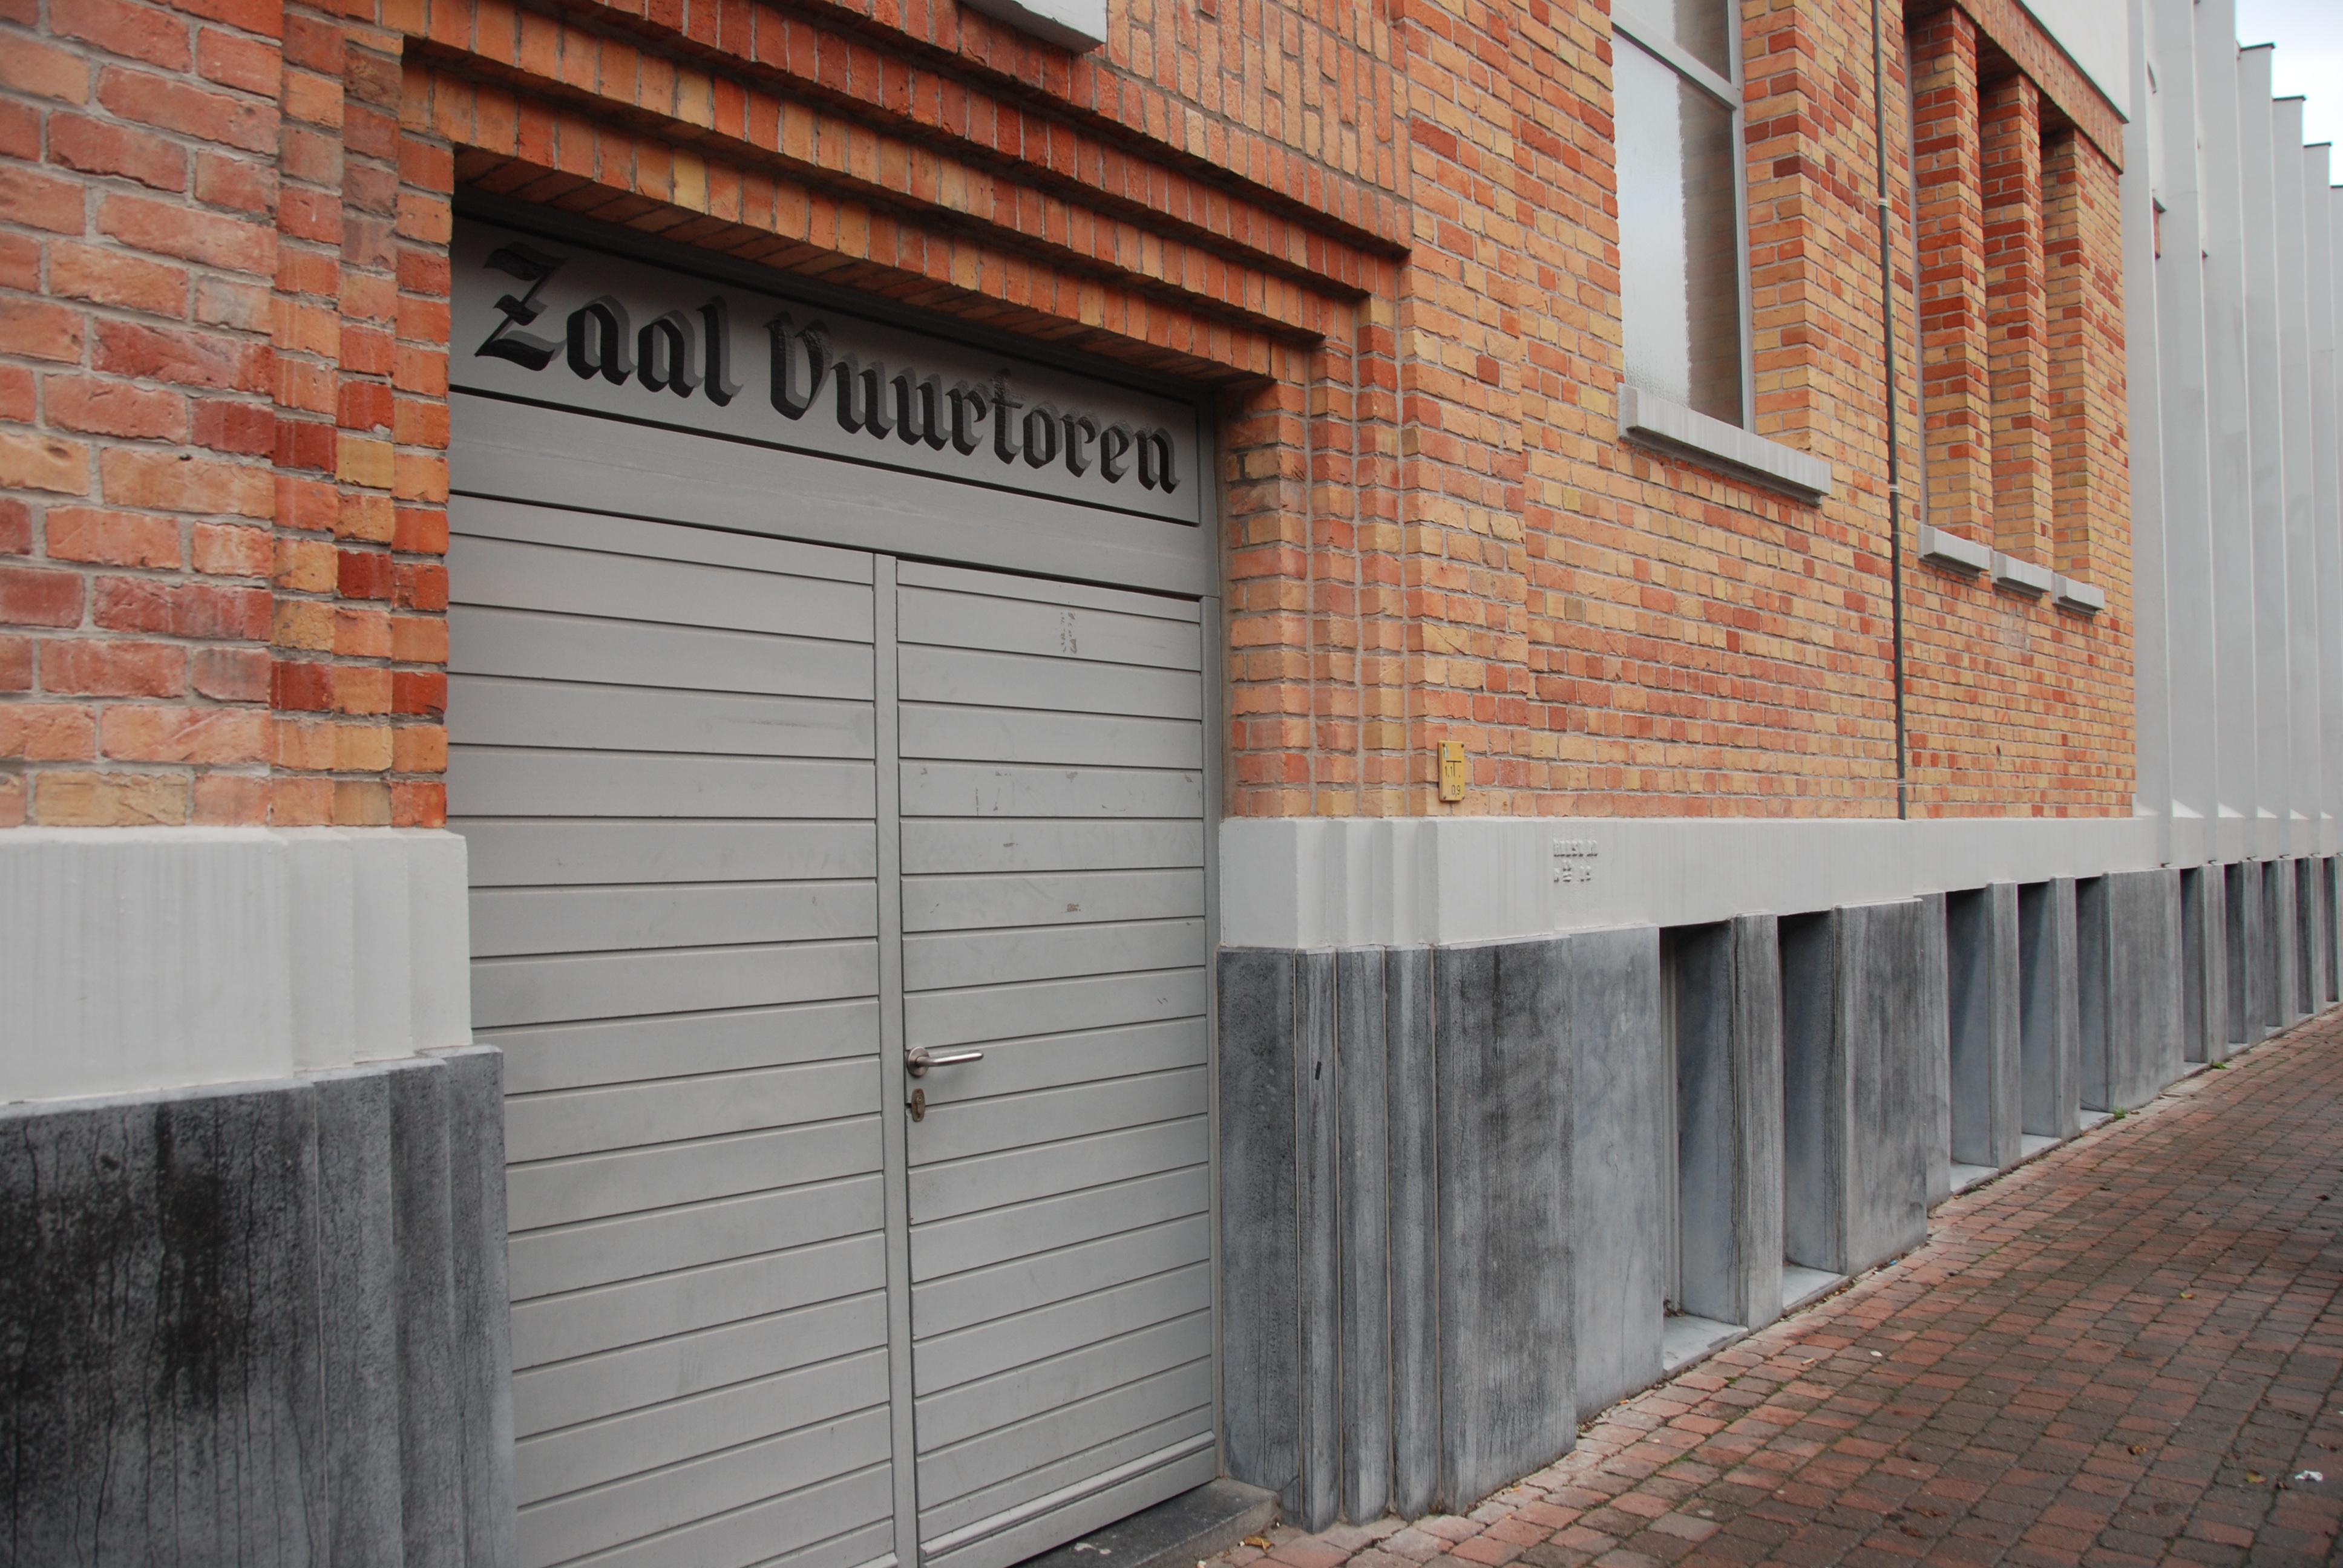 Nieuw zaalcomité voor zaal Vuurtoren op de Vuurtorenwijk